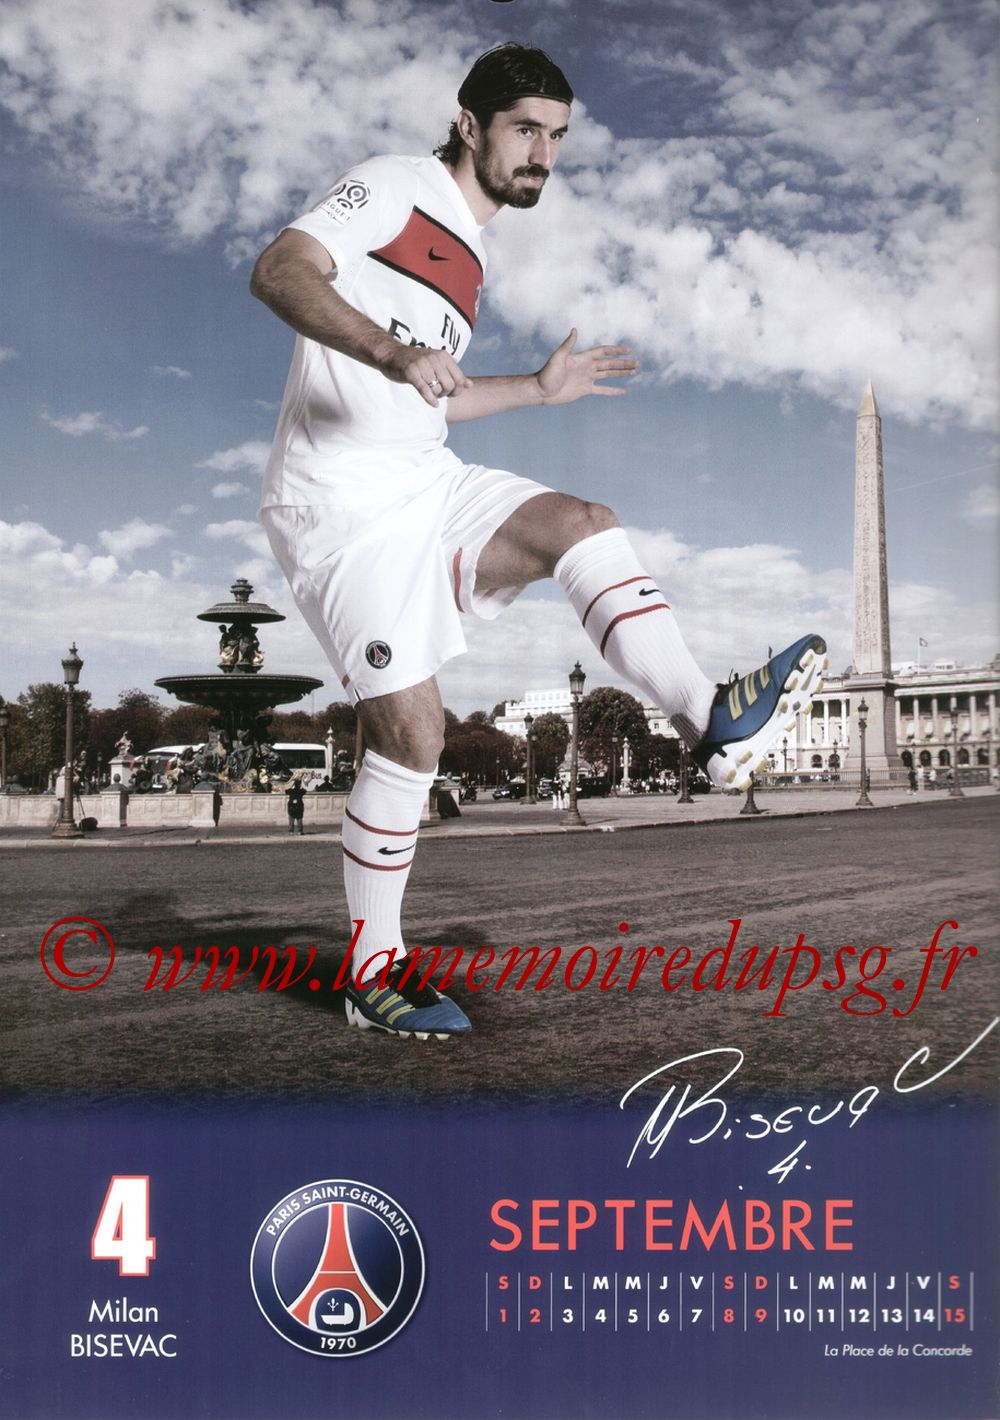 Calendrier PSG 2012 - Page 17 - Milan BISEVAC